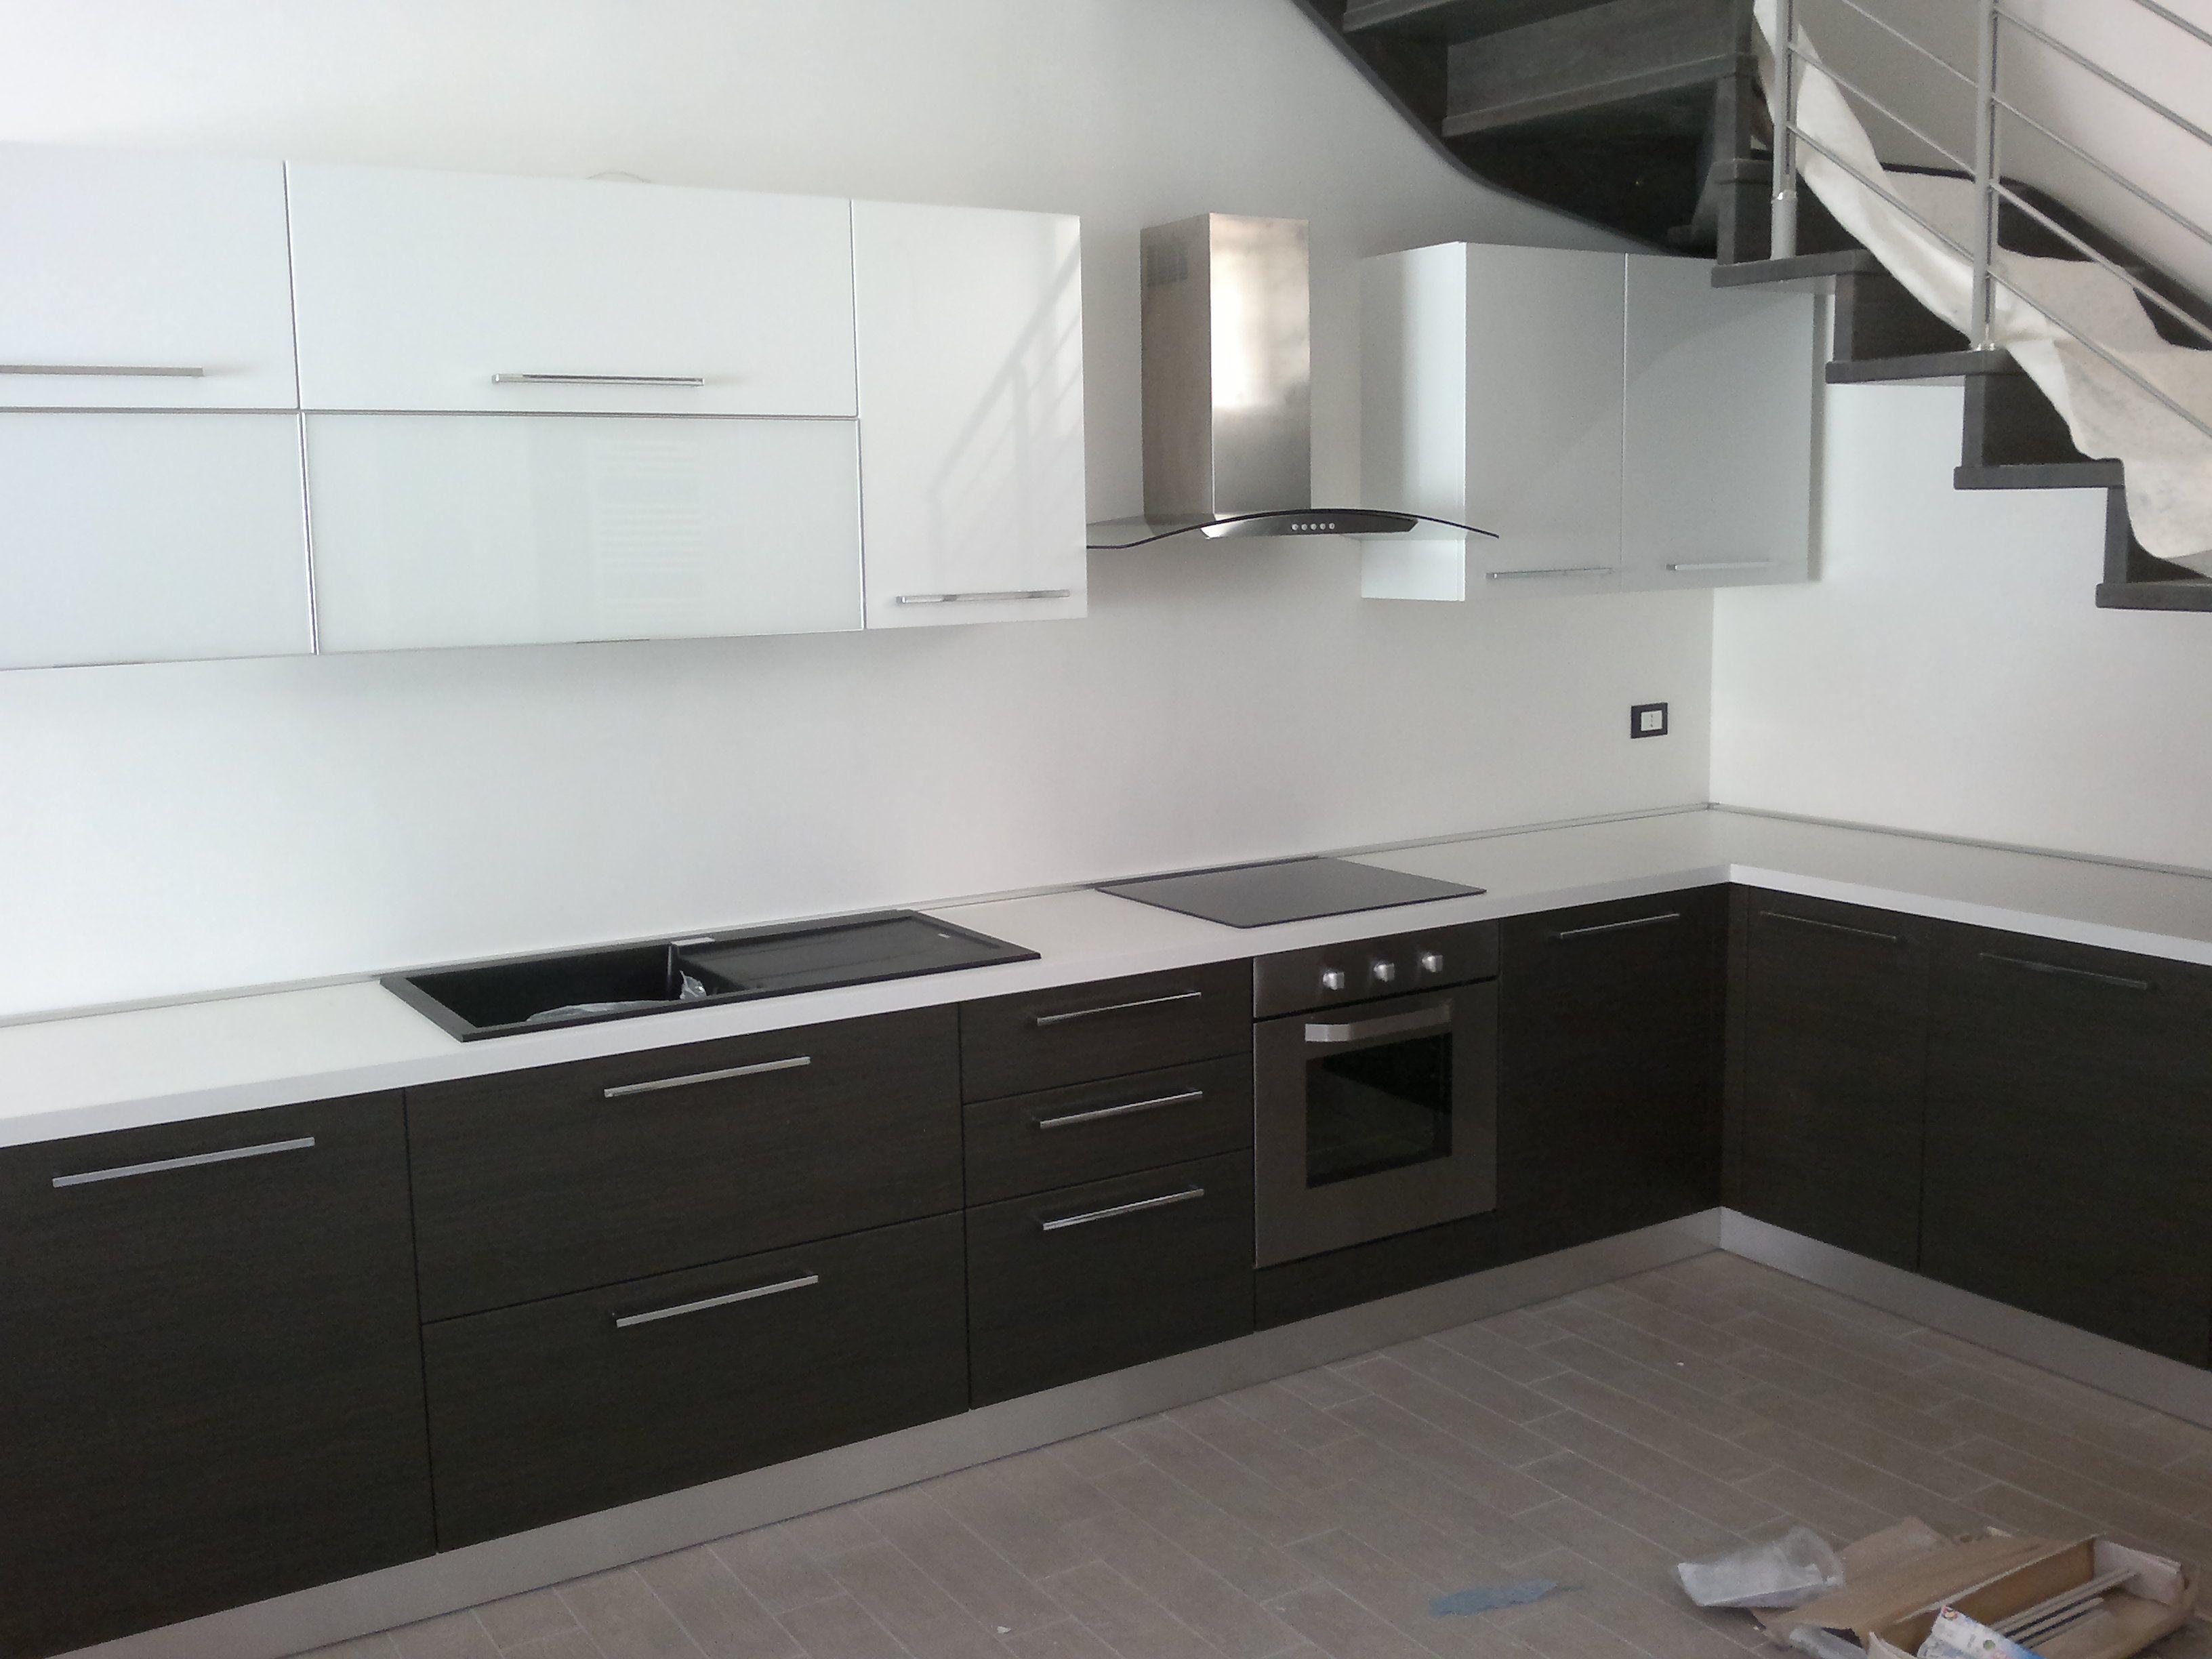 modello Futura - rovere grigio - bianco lucido | Kitchens | Kitchen